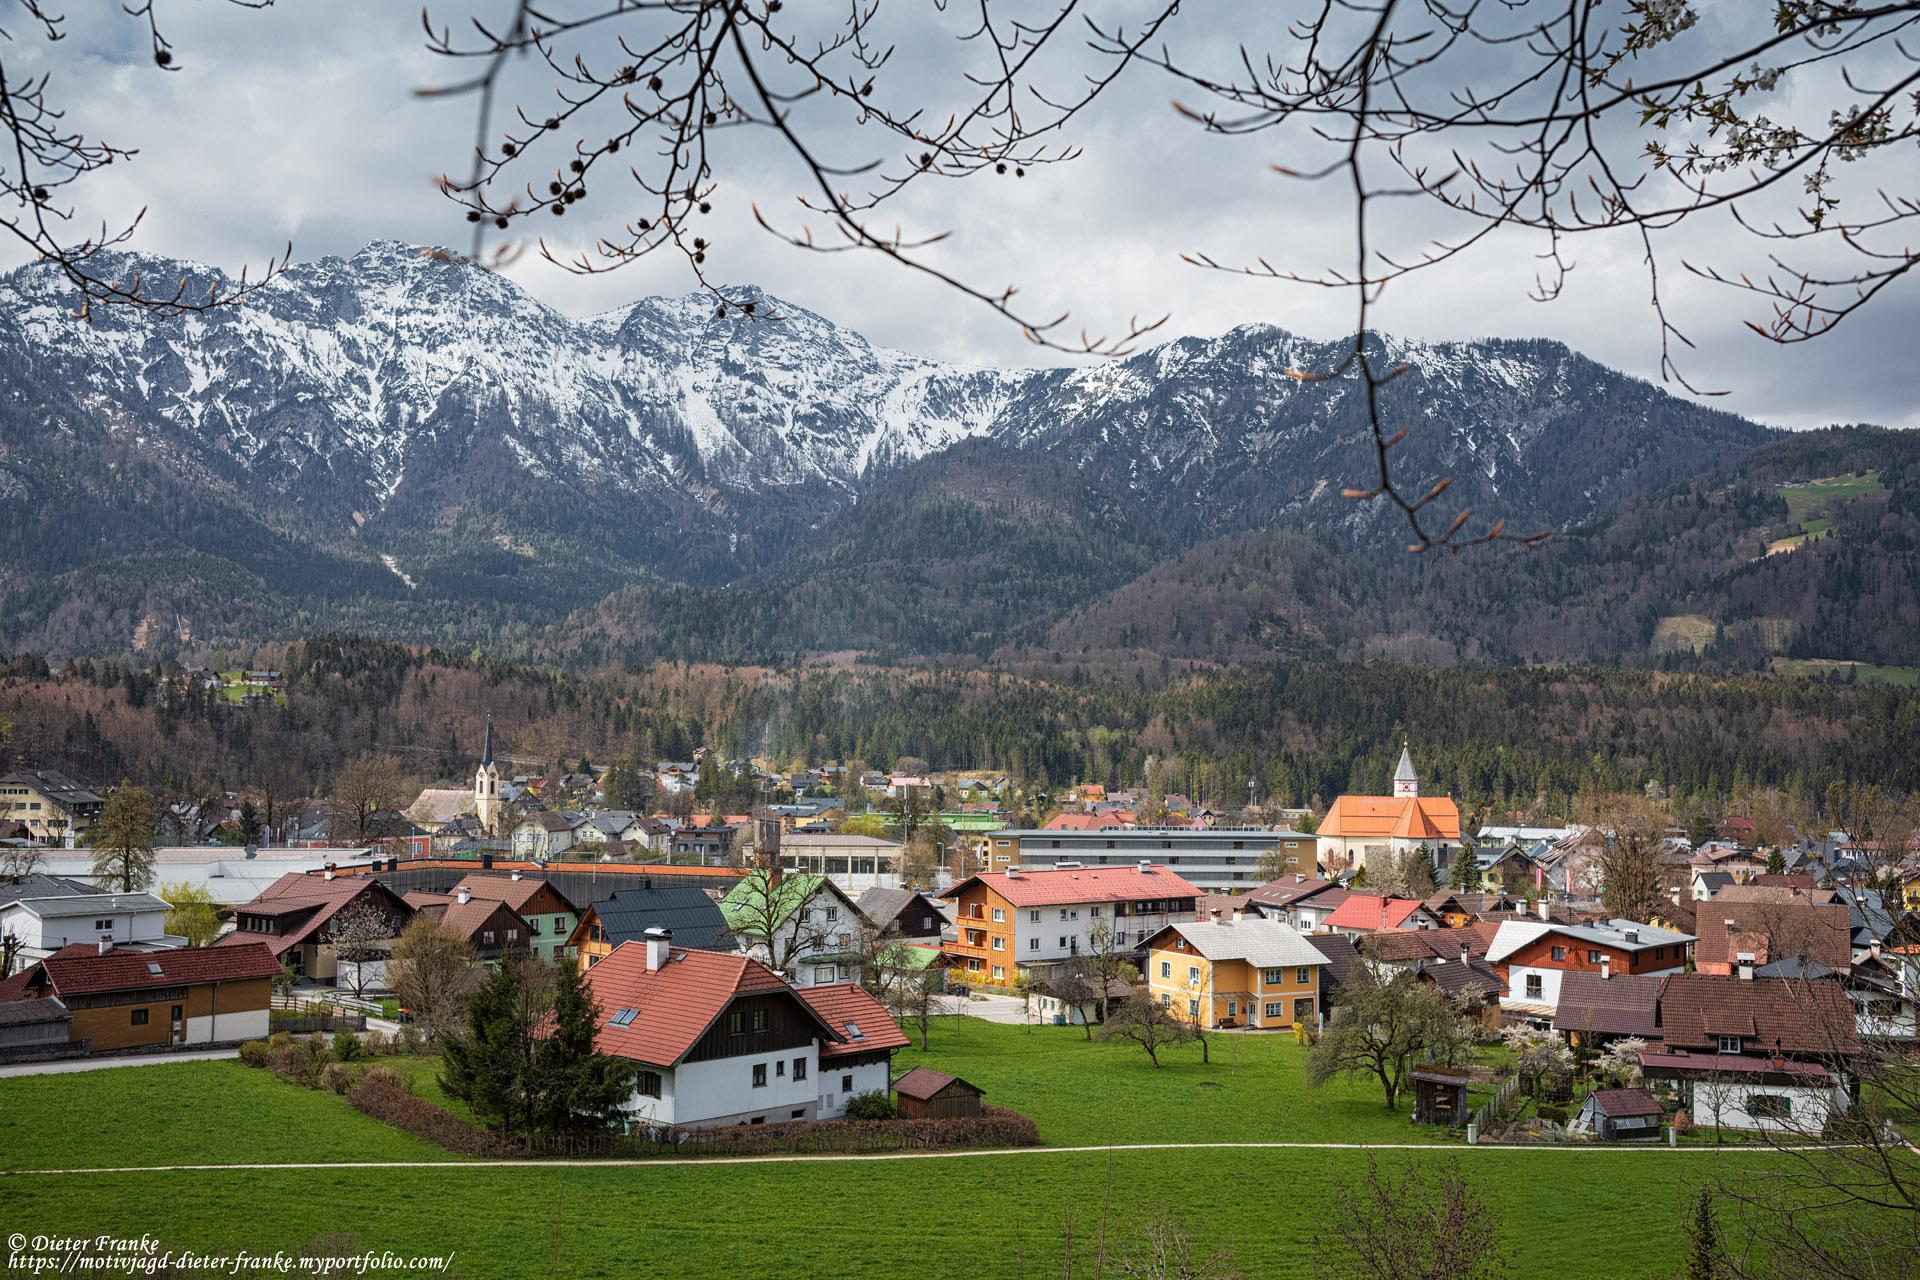 Bankerl 1 - Schötzenwaldweg